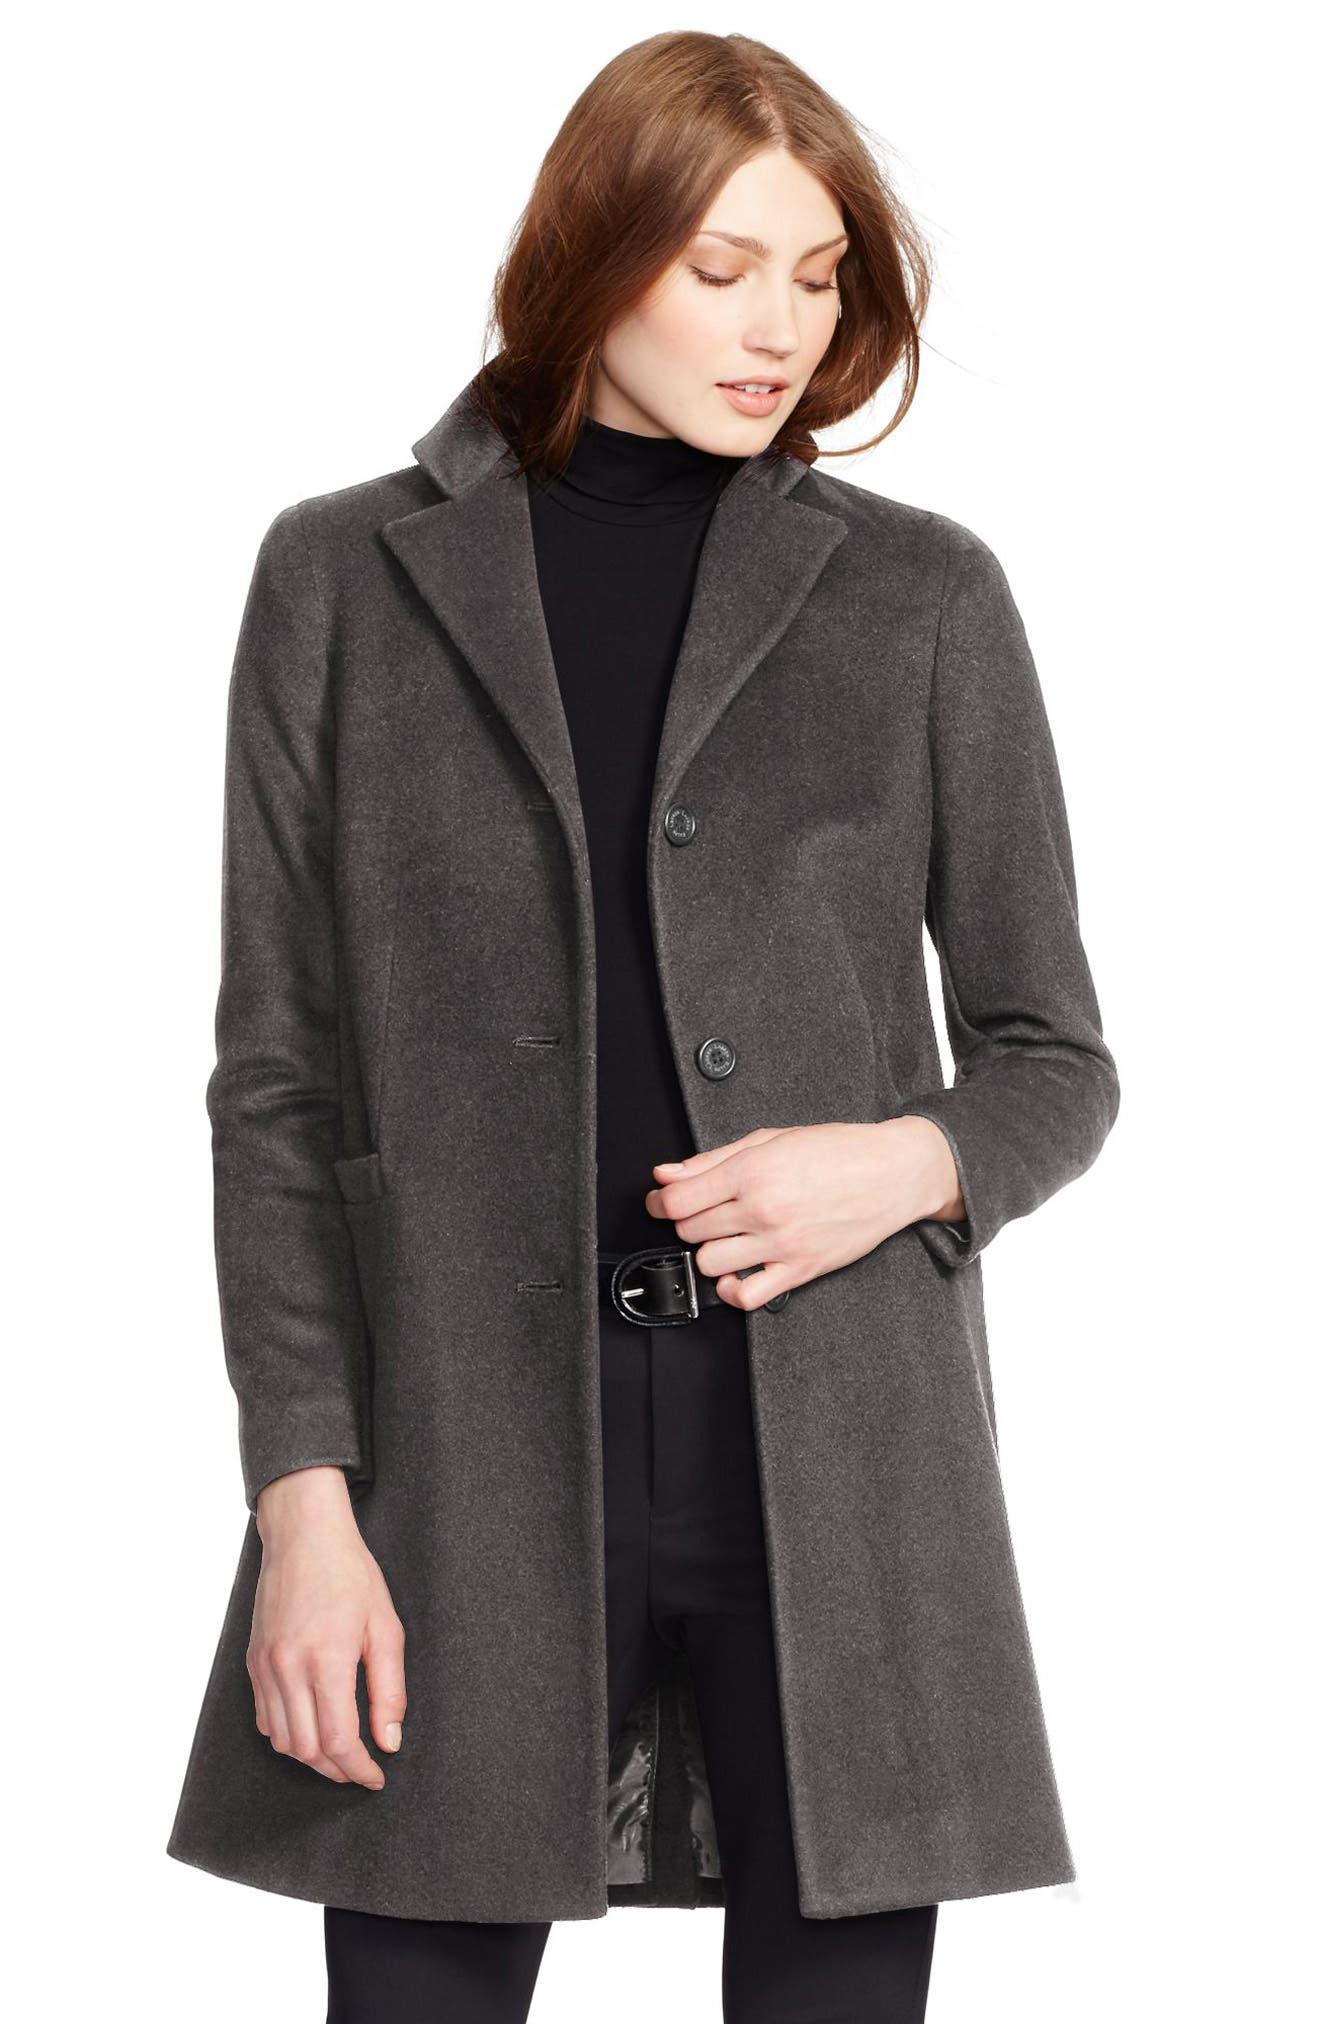 Green winter coat ladies